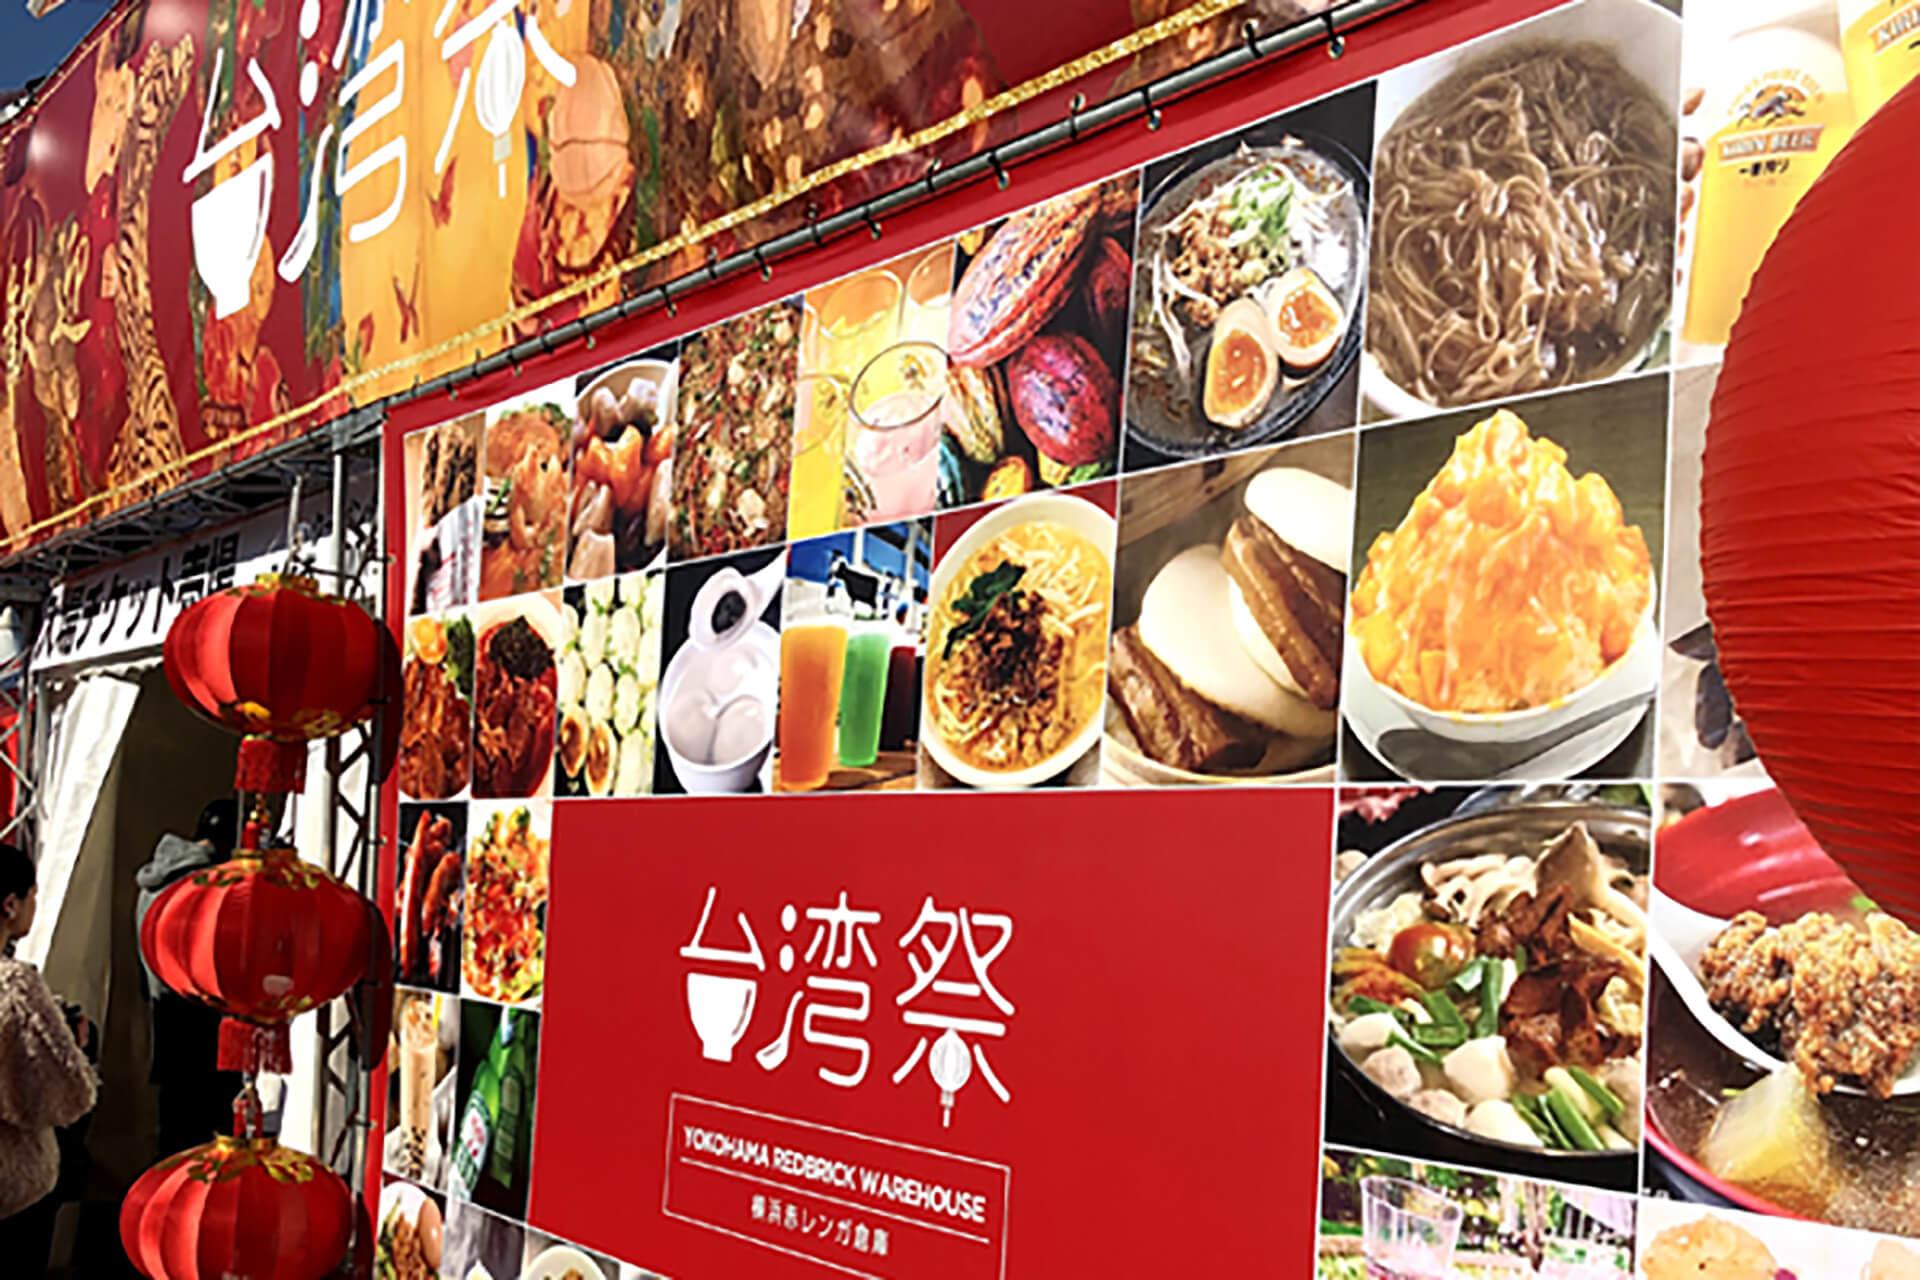 台湾祭 in 横浜赤レンガ 2020